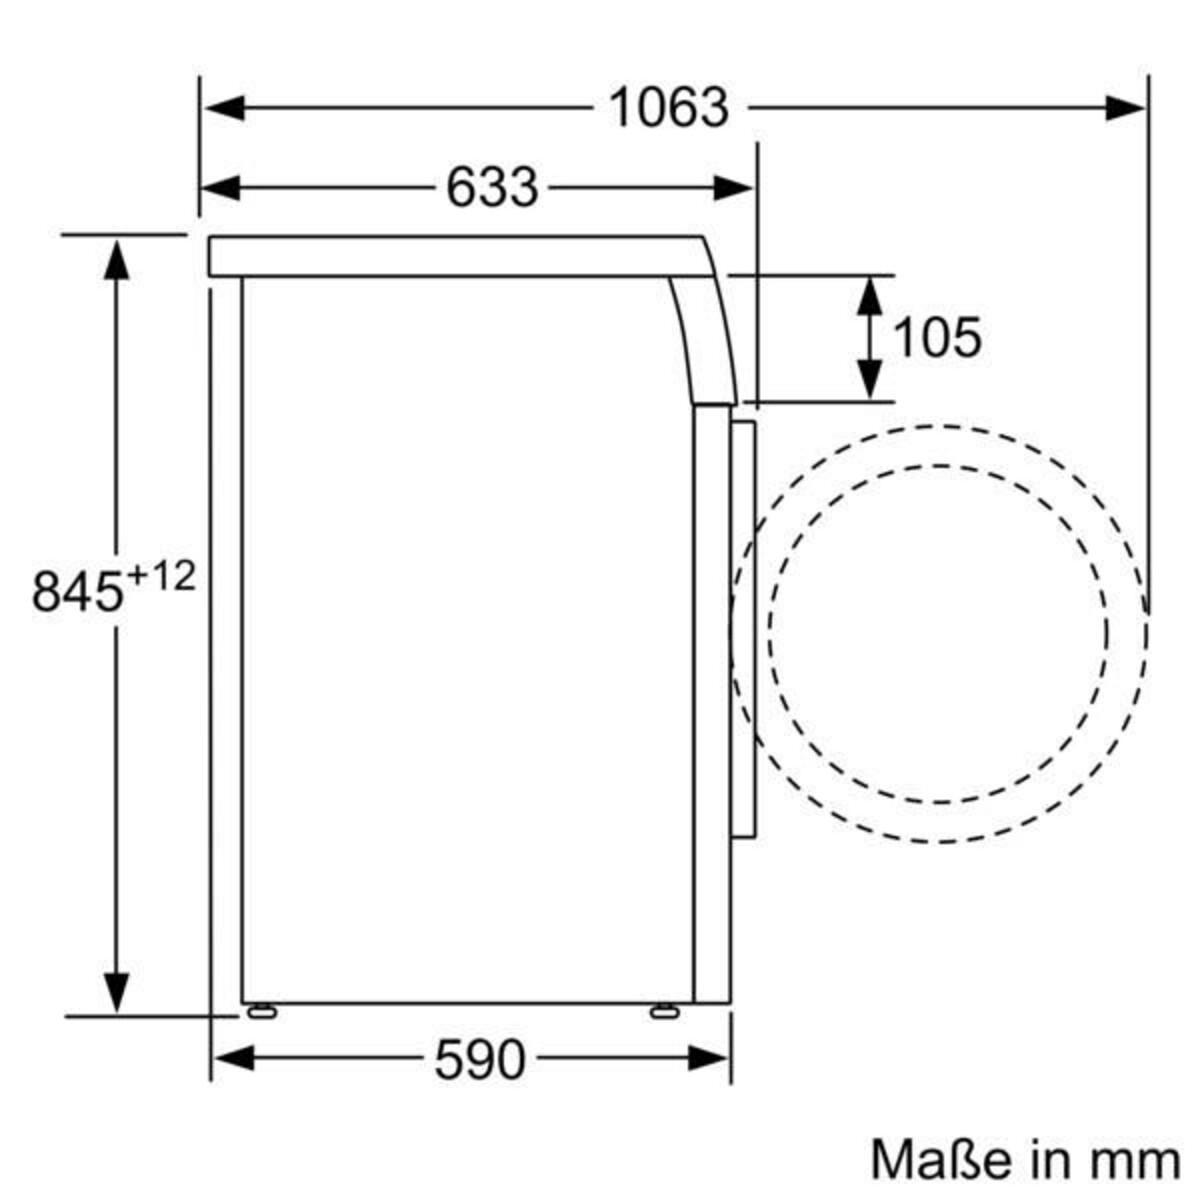 Bild 5 von SIEMENS WU14UT70EX Waschmaschine (Frontlader, freistehend, unterbaufähig, C, 9 kg, 1400 U/min, iQdrive, iSensoric, Nachlegefunktion)